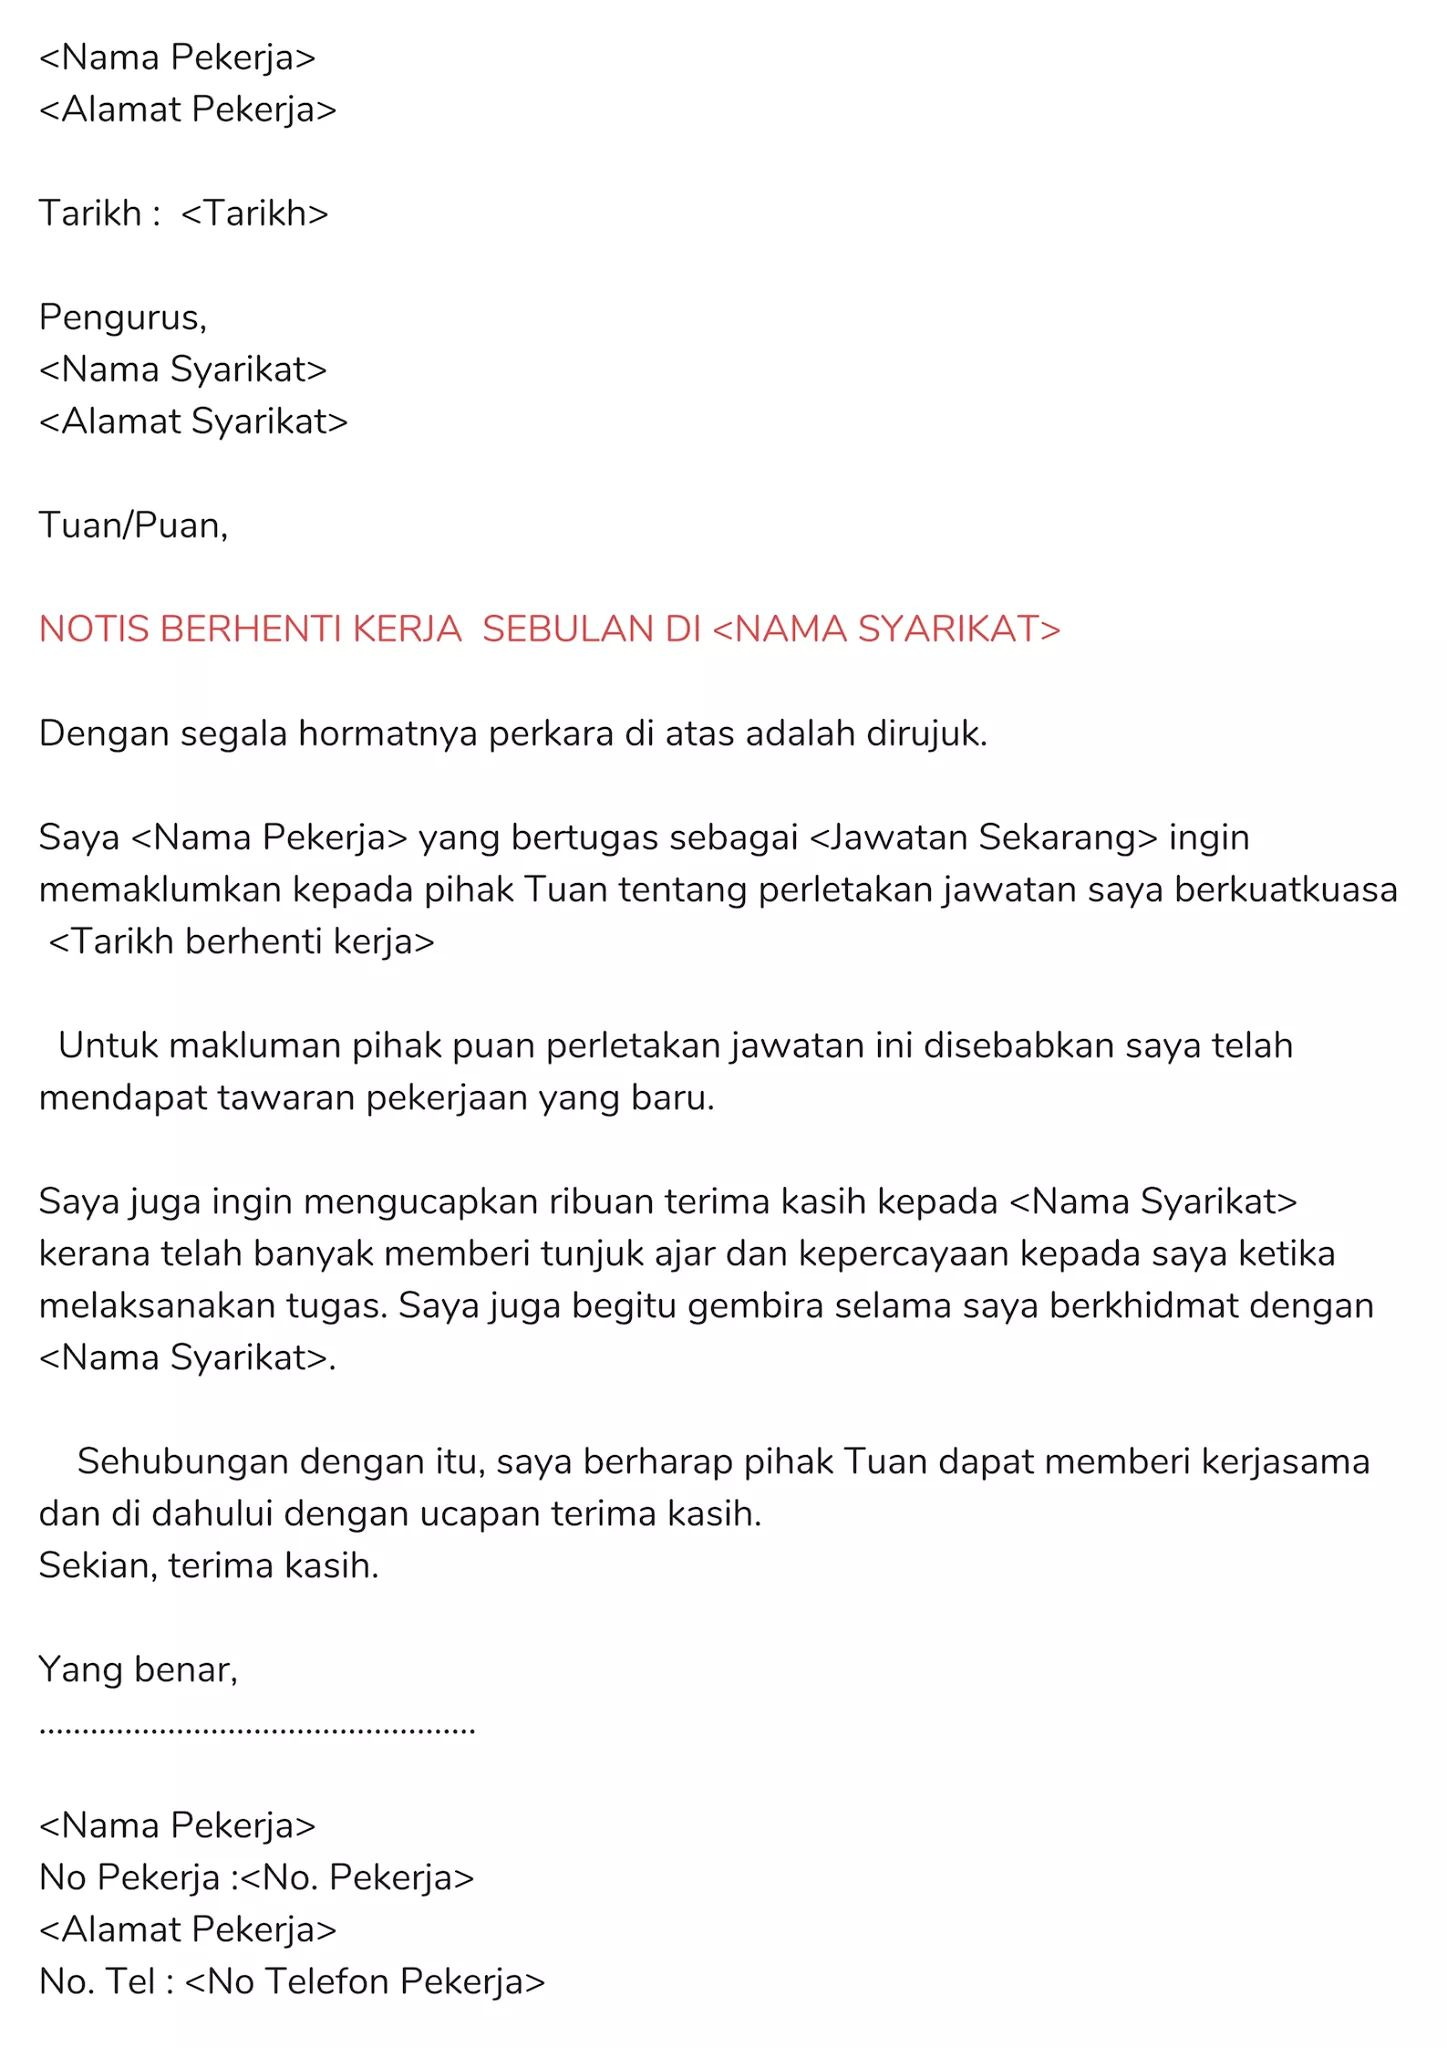 Resume Kreatif On Twitter Contoh Rasmi Surat Berhenti Kerja Jangan Menyusahkan Pihak Majikan Dengan Keluar Dari Syarikat Tanpa Bersebab Dan Tiada Hitam Putih Ini Contoh Surat Resign Dalam Bahasa Malaysia Yang Boleh